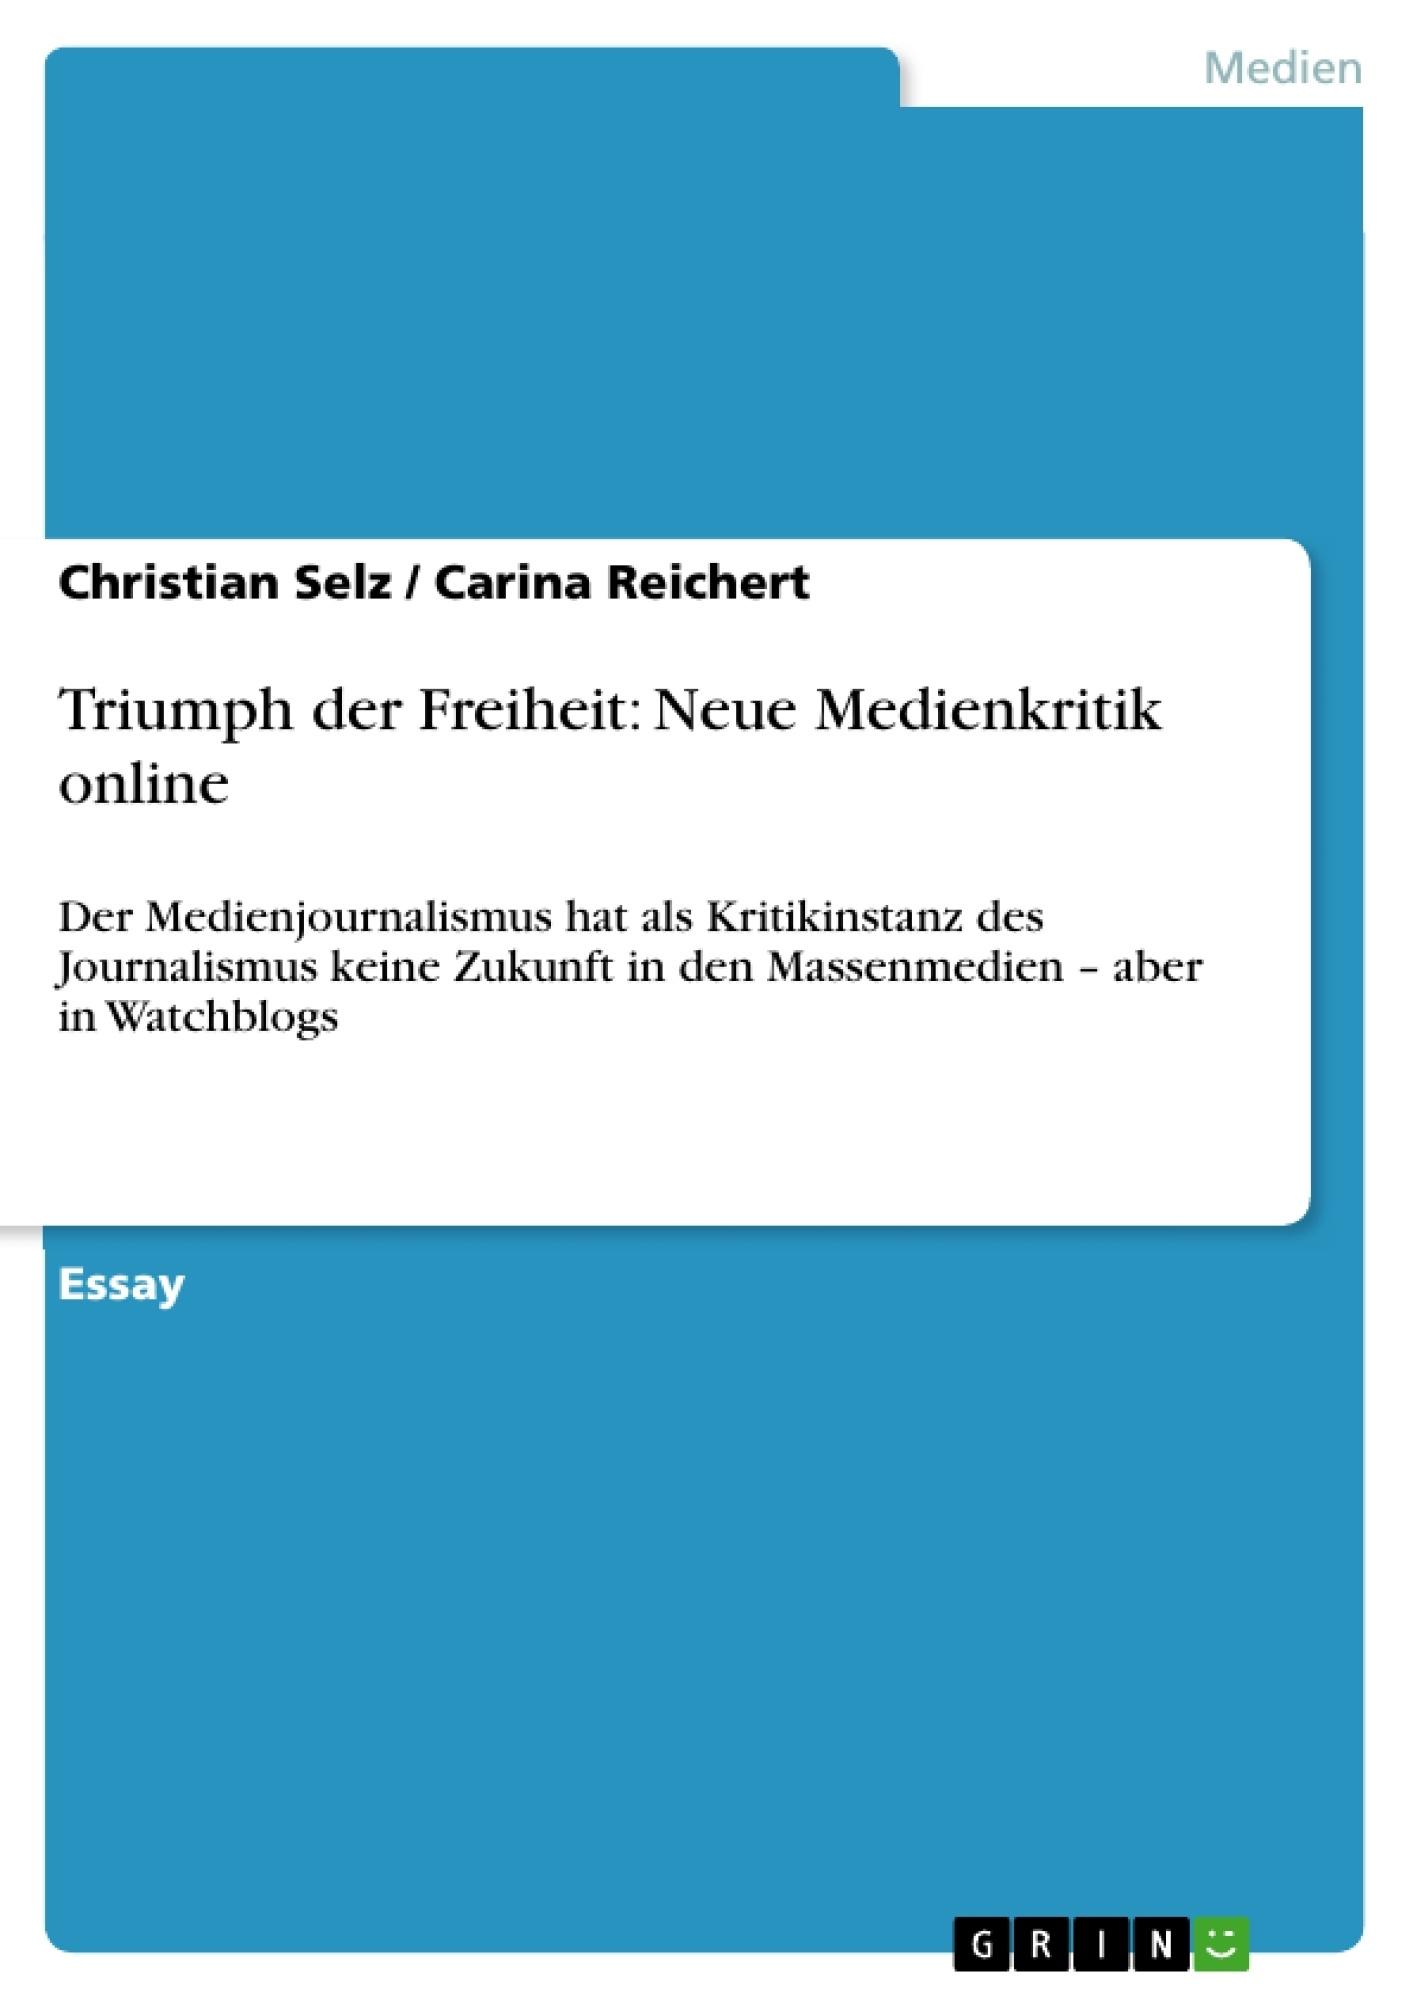 Titel: Triumph der Freiheit: Neue Medienkritik online